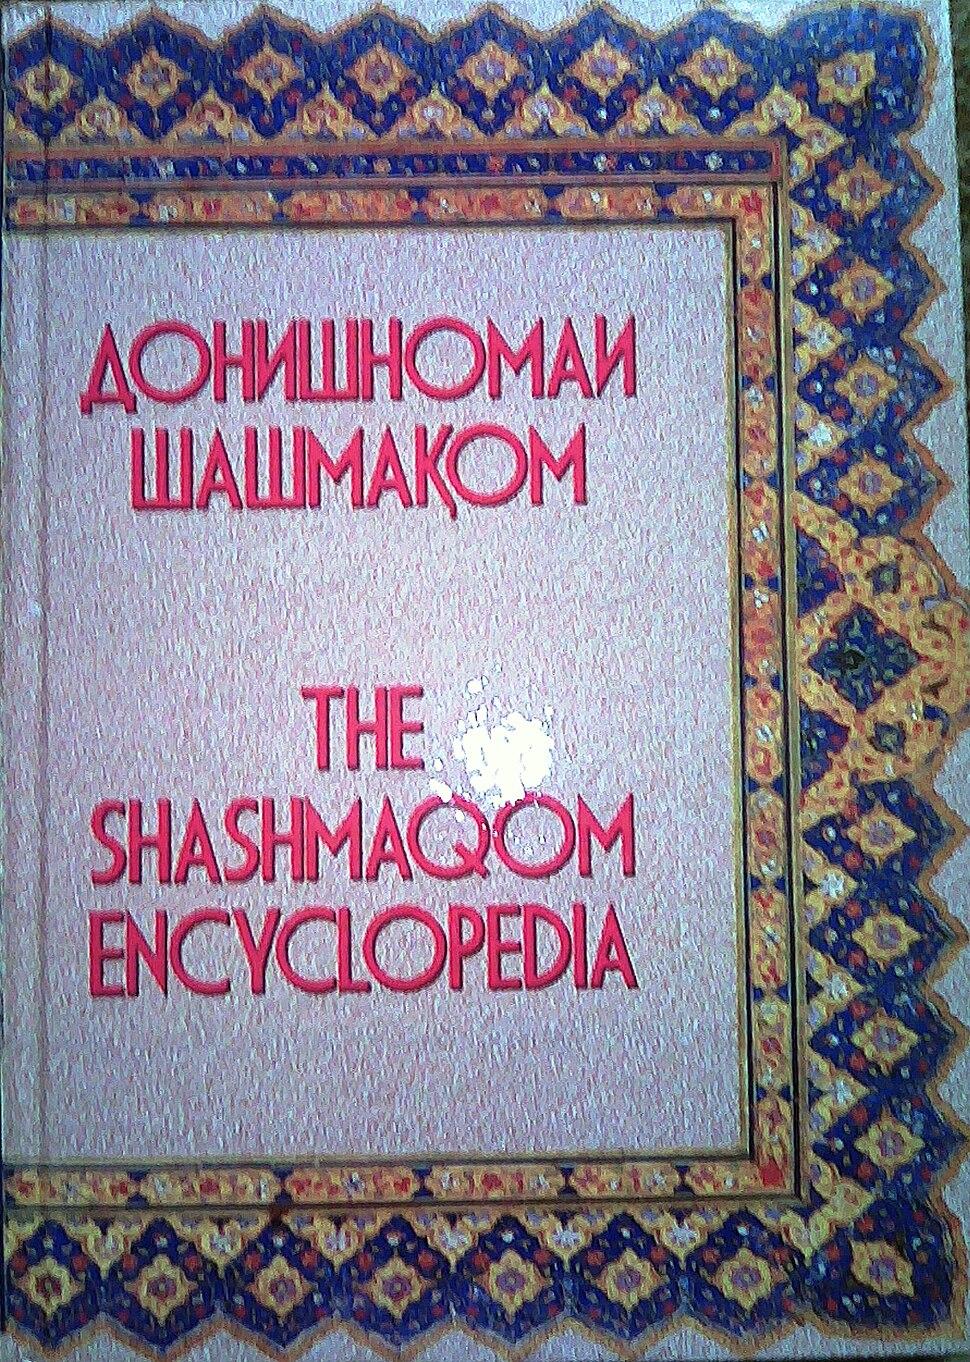 Донишномаи Шашмаком